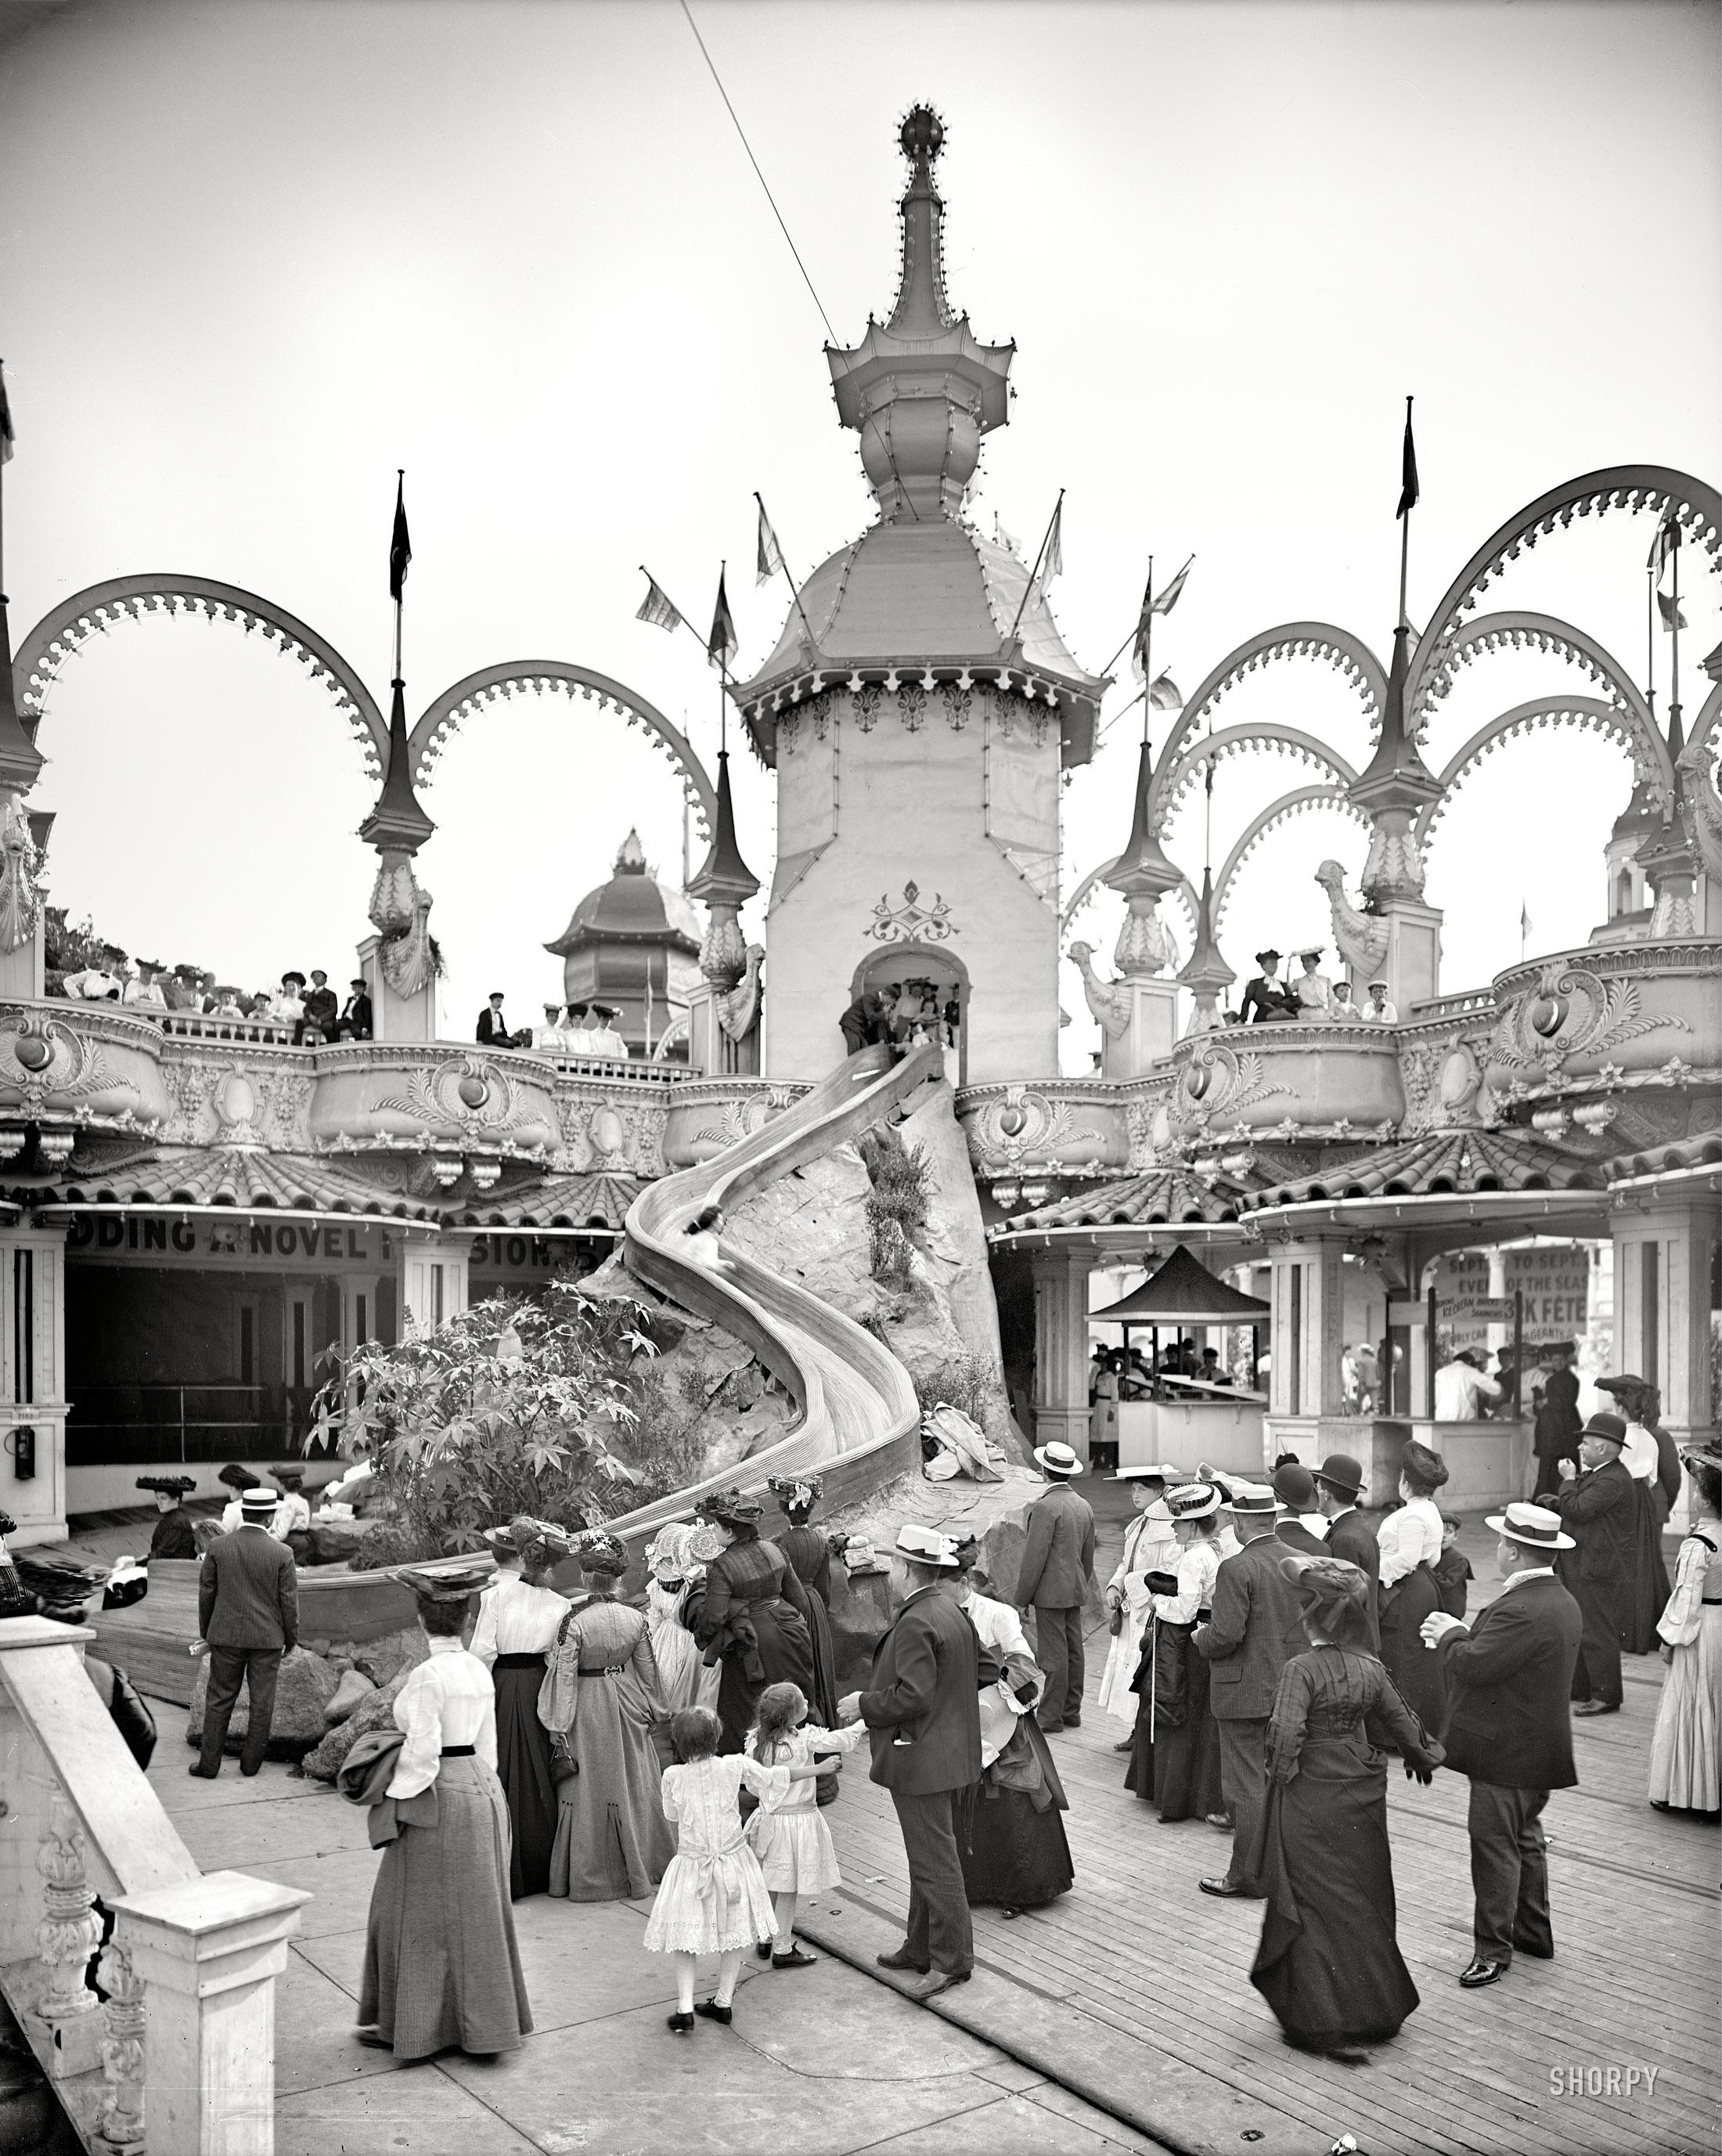 The Helter Skelter Ride, Luna Park, 1905. (h/t Shorpy)